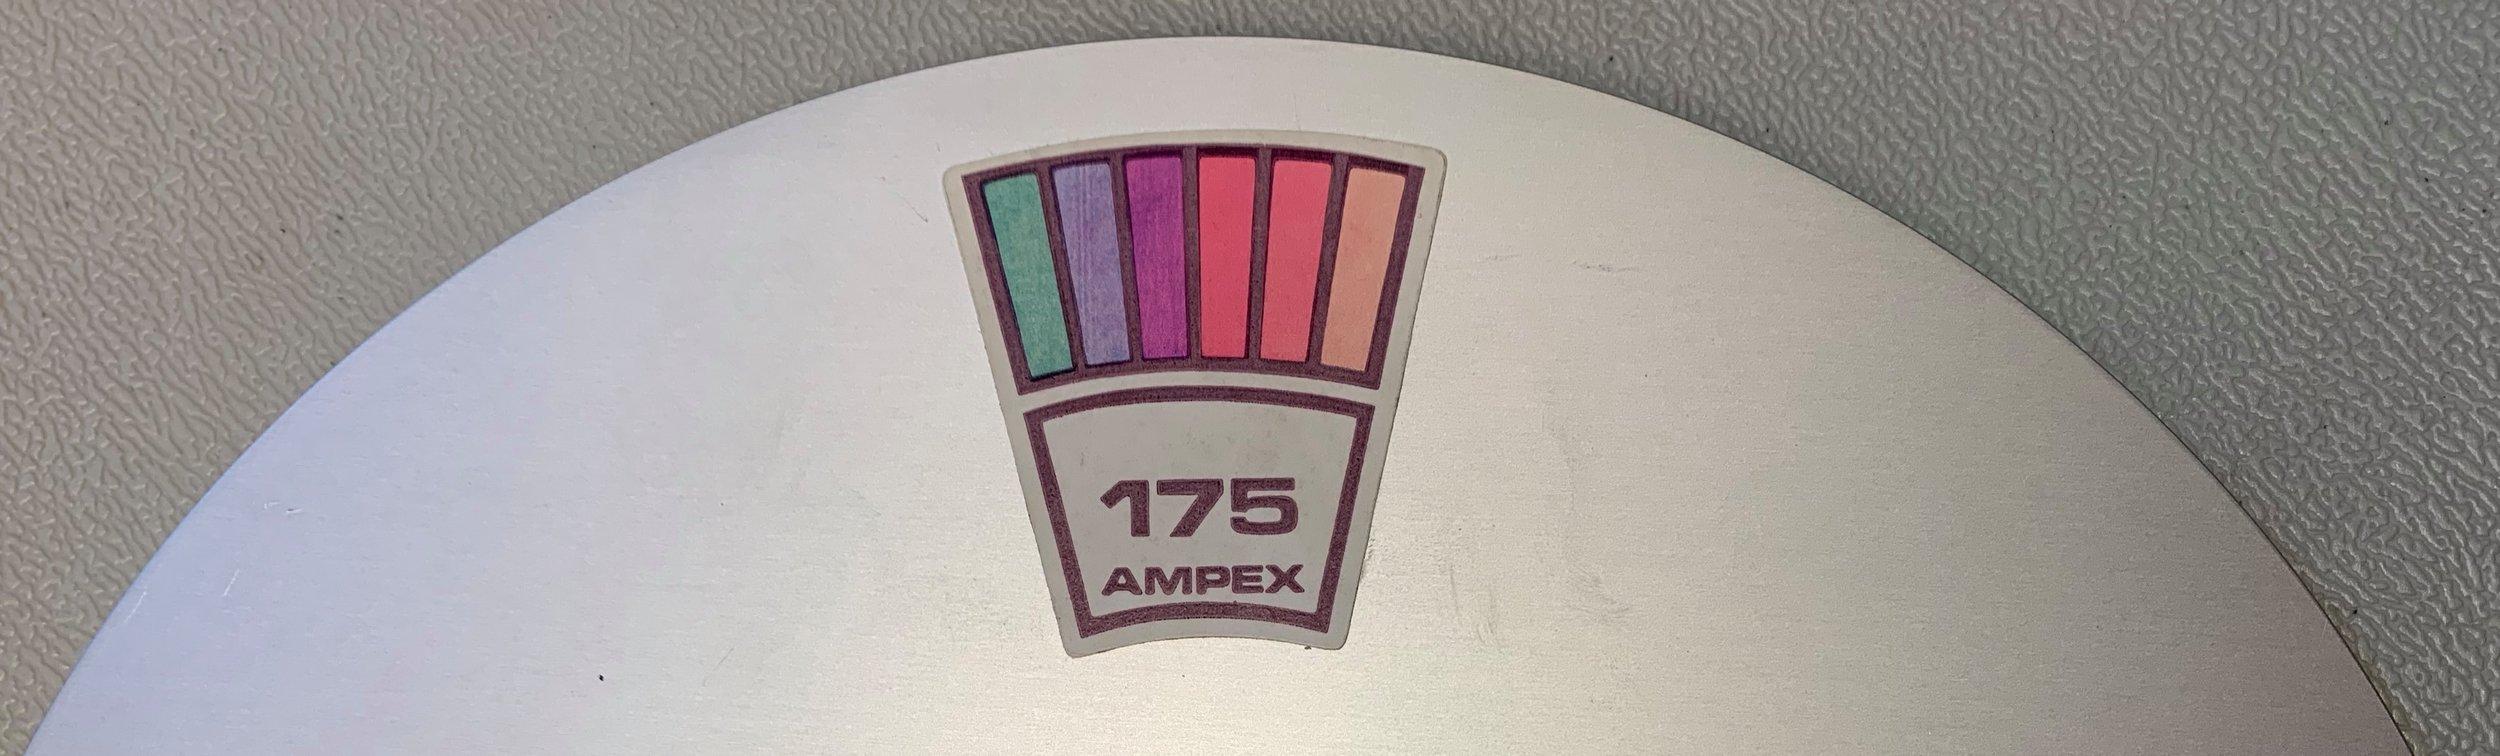 Ampex 175